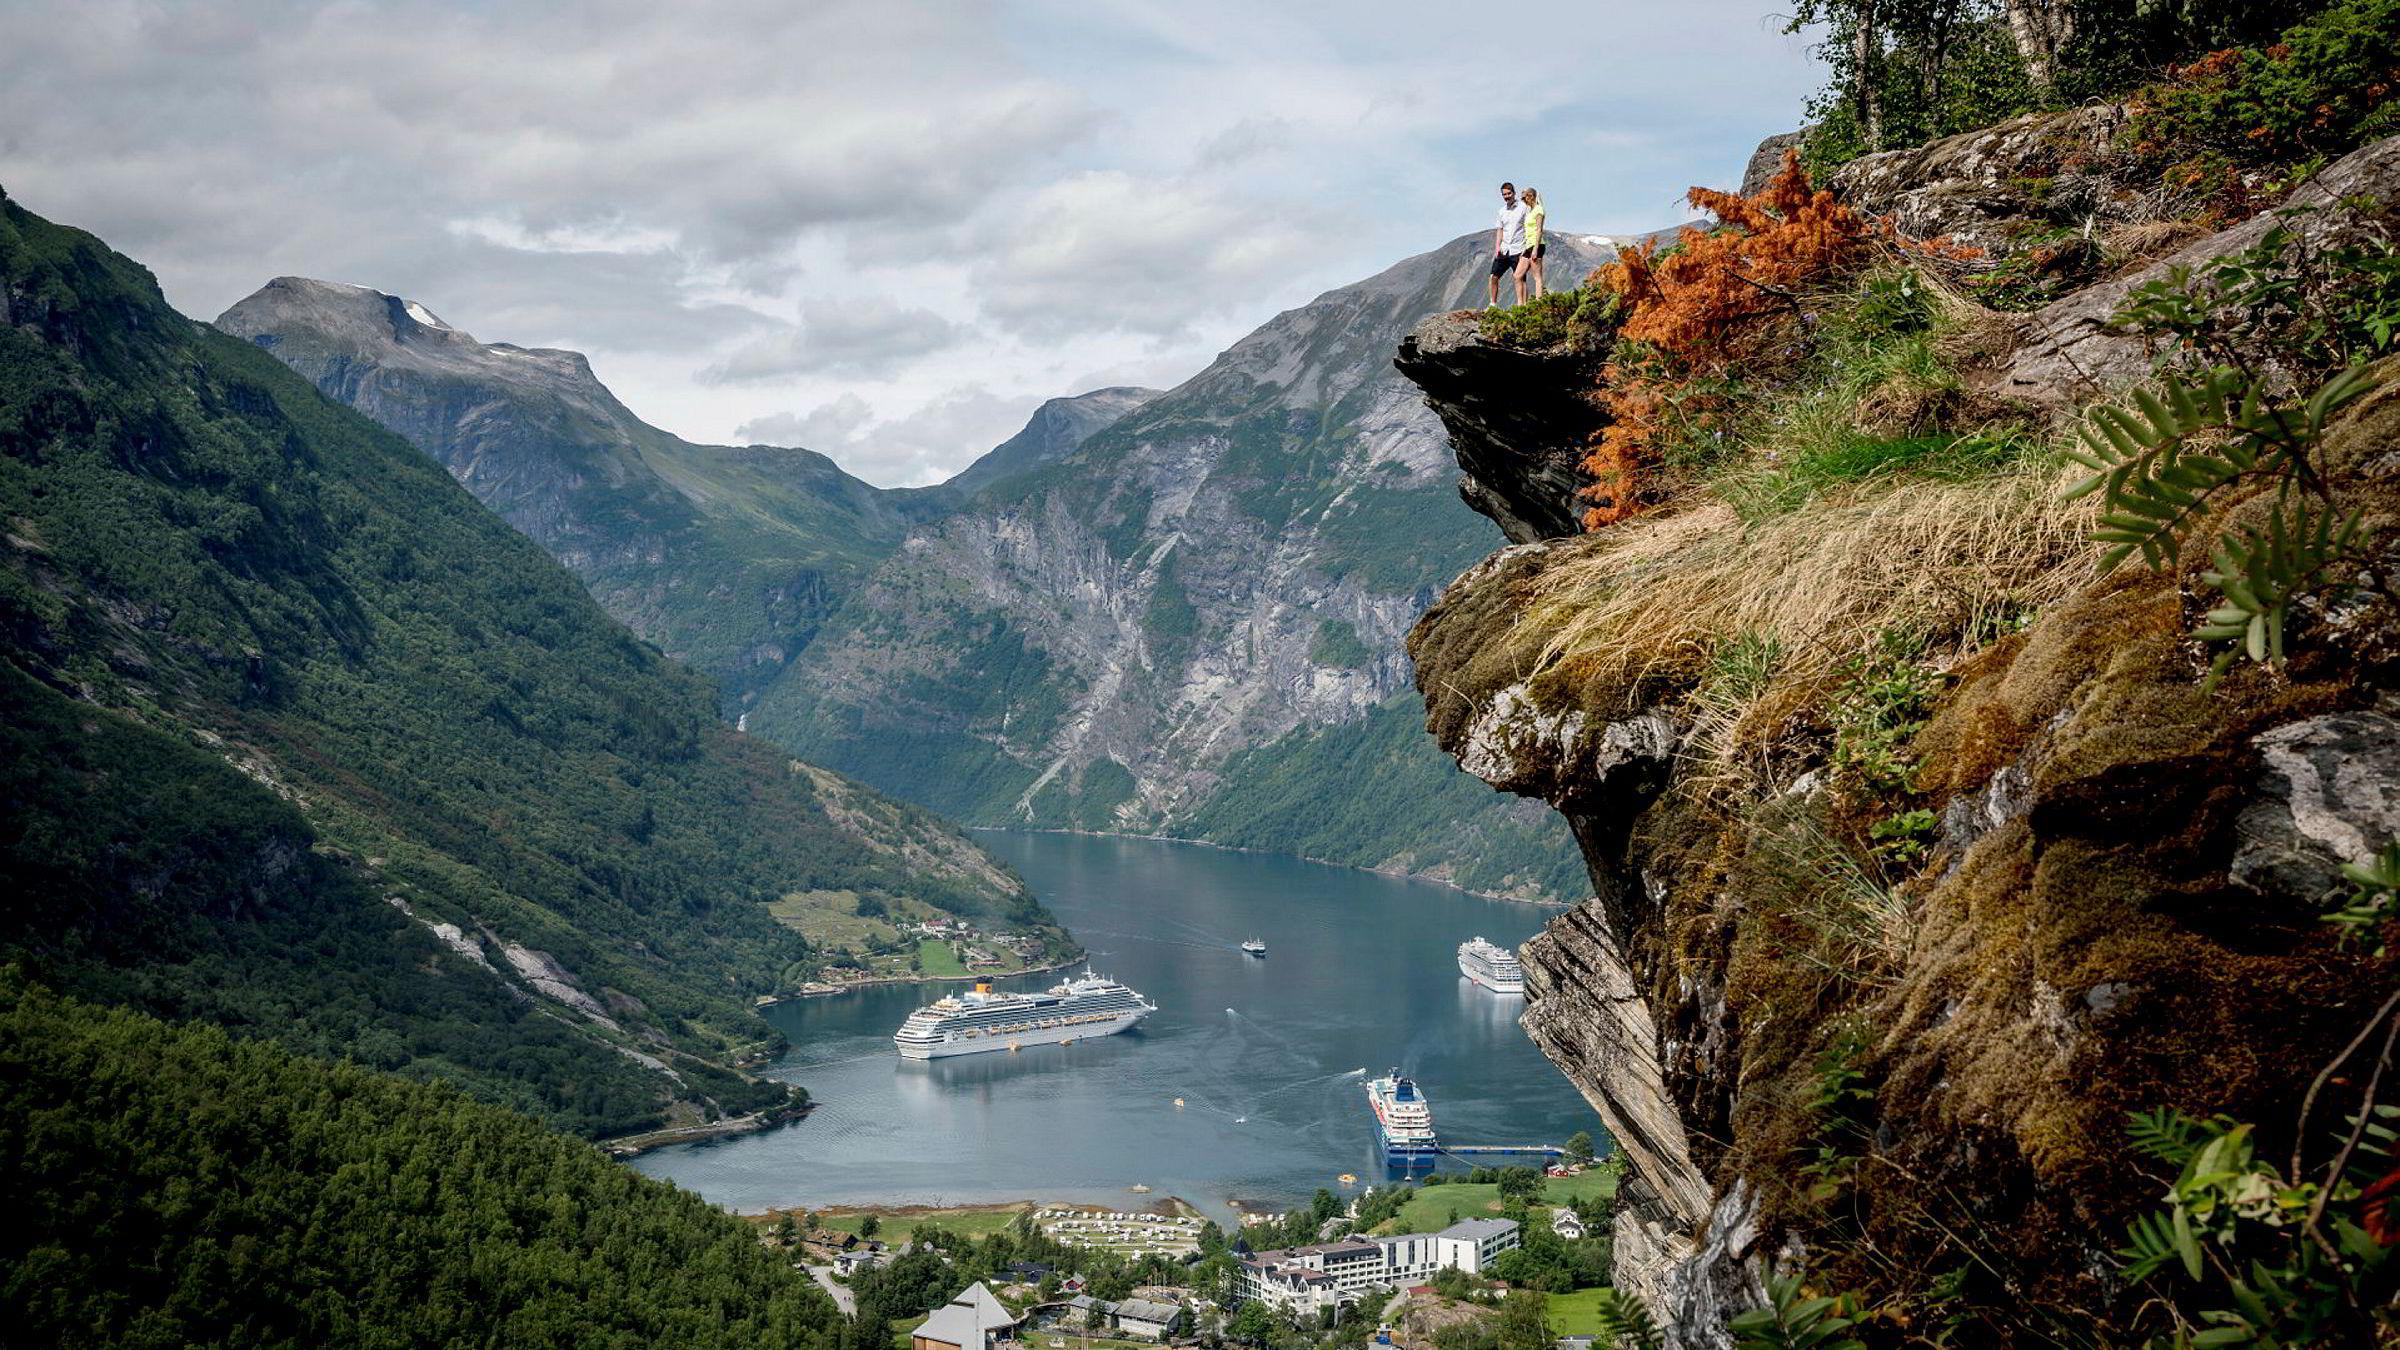 Om få år går det mot bråstopp for de største cruisebåtene i «verdensarvfjordene» på Vestlandet.